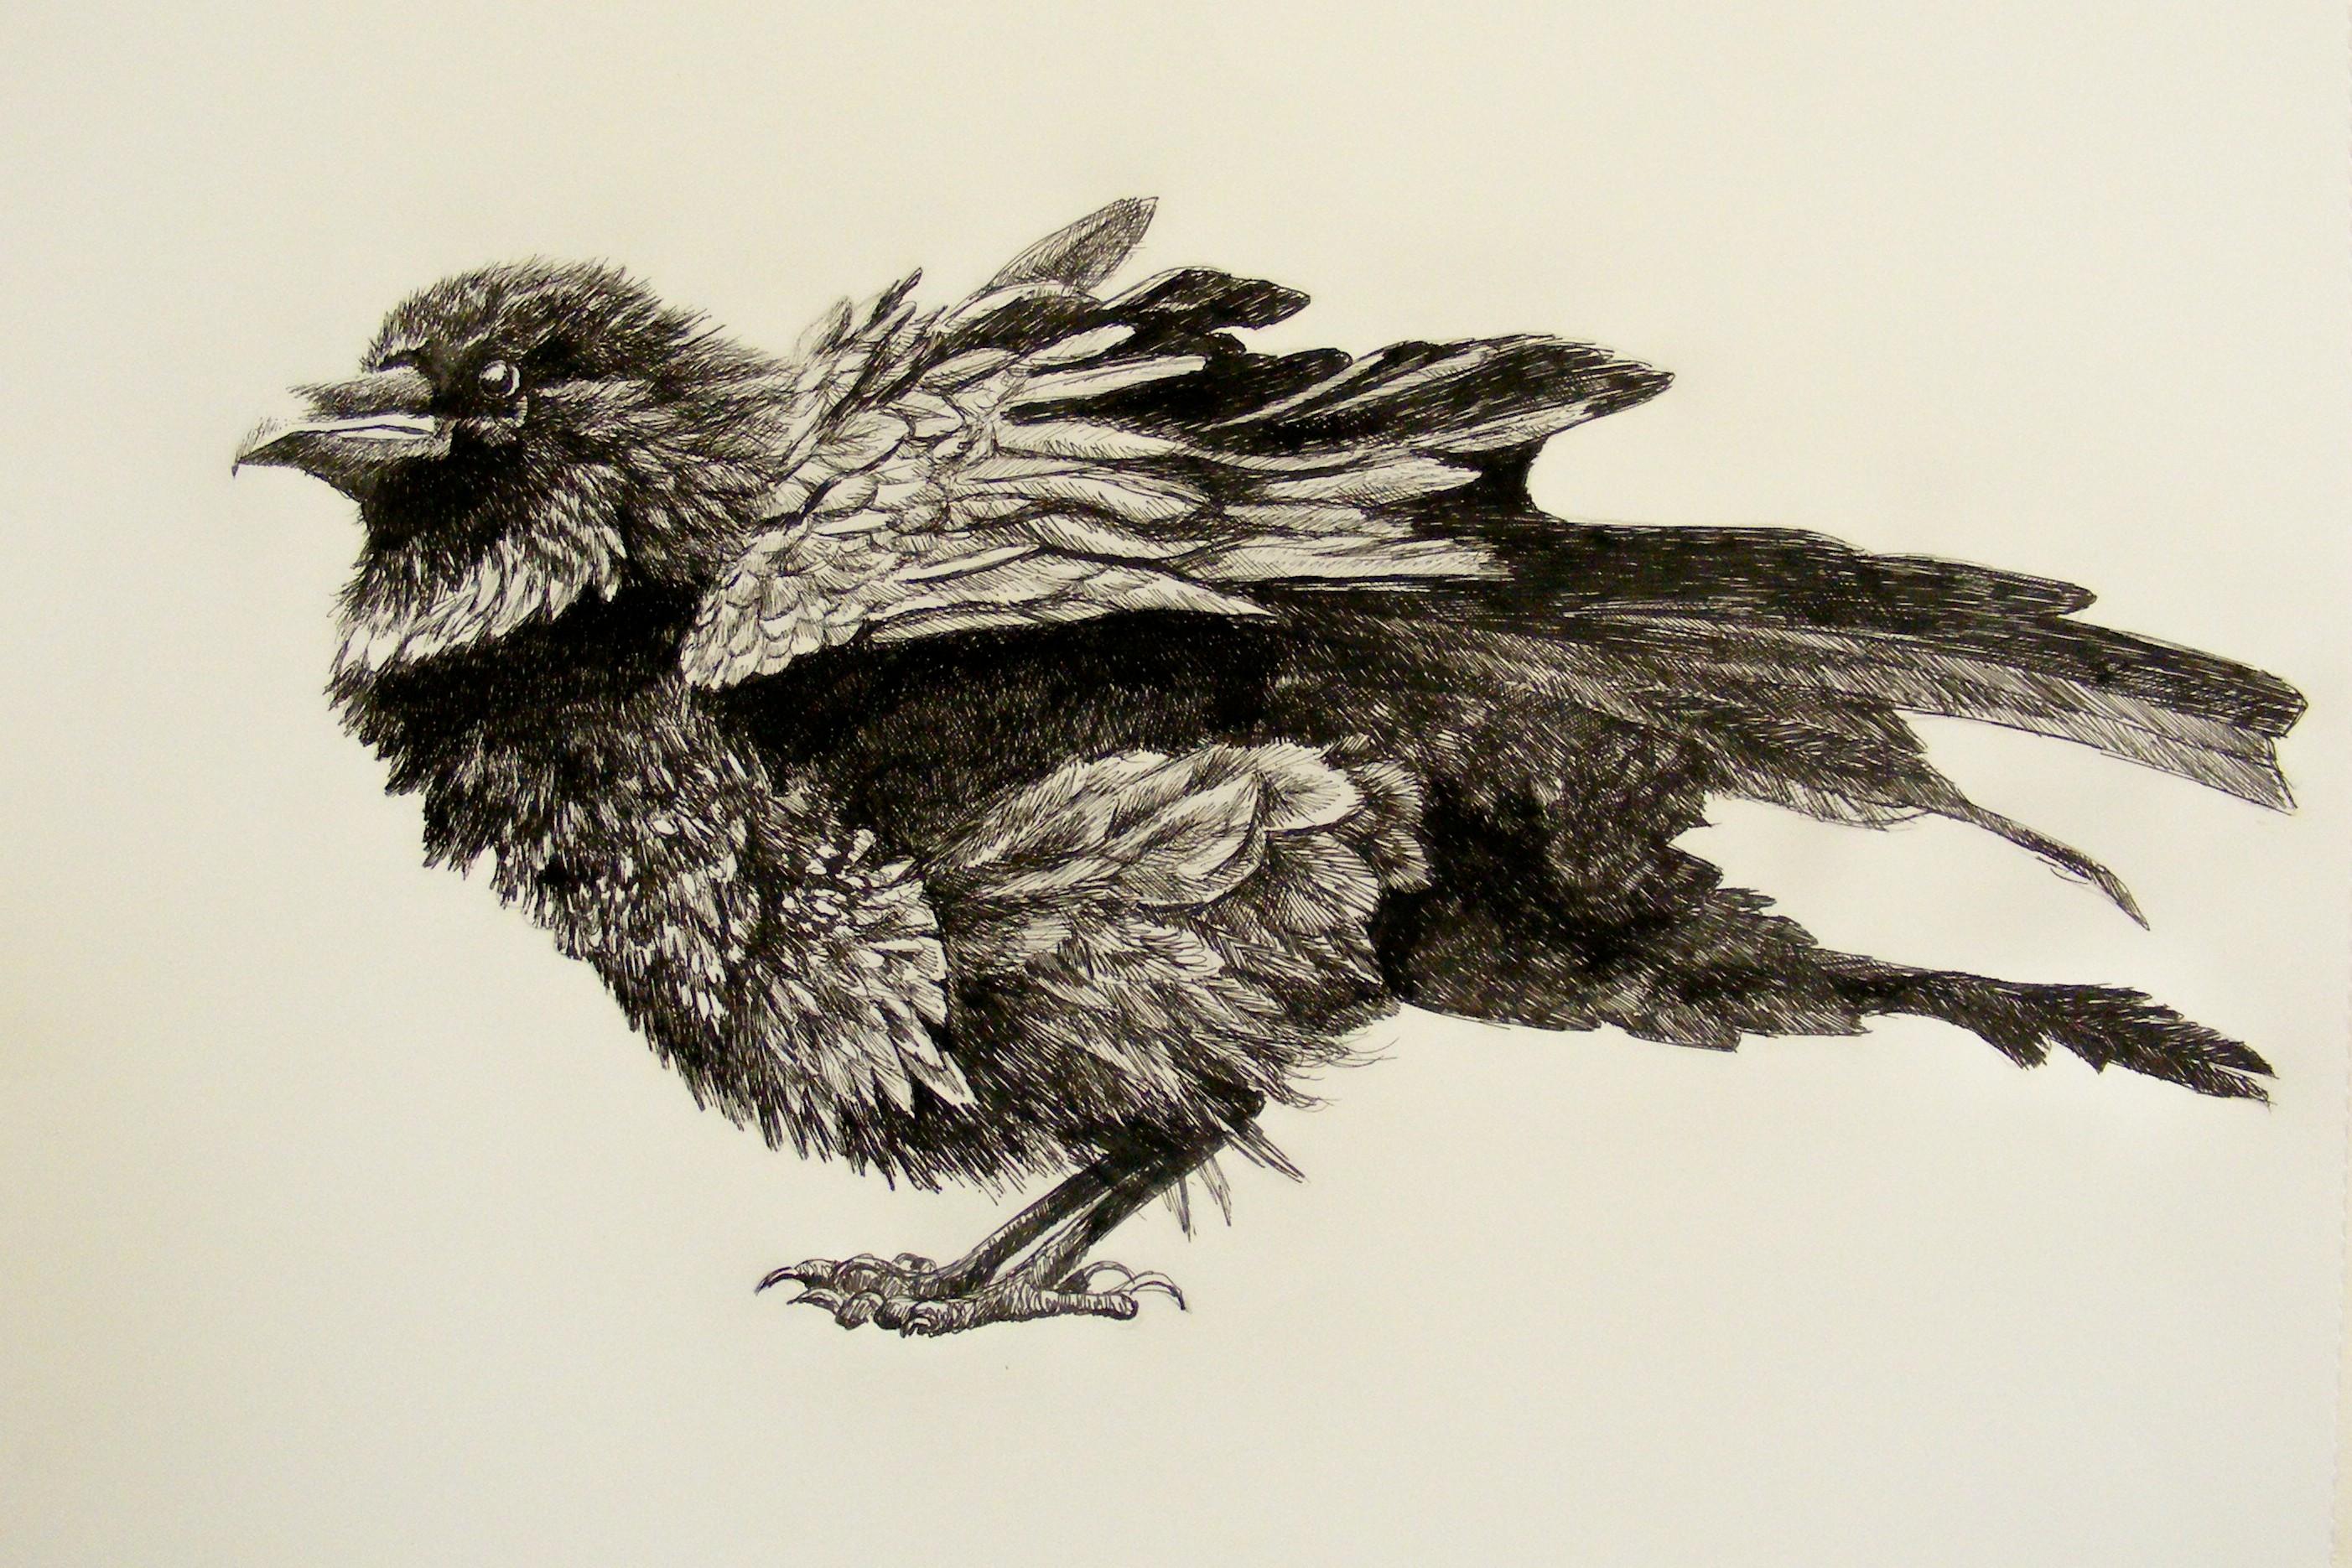 Patrick Tillett: Weekend Reflections - Gulls Ruffled Feathers